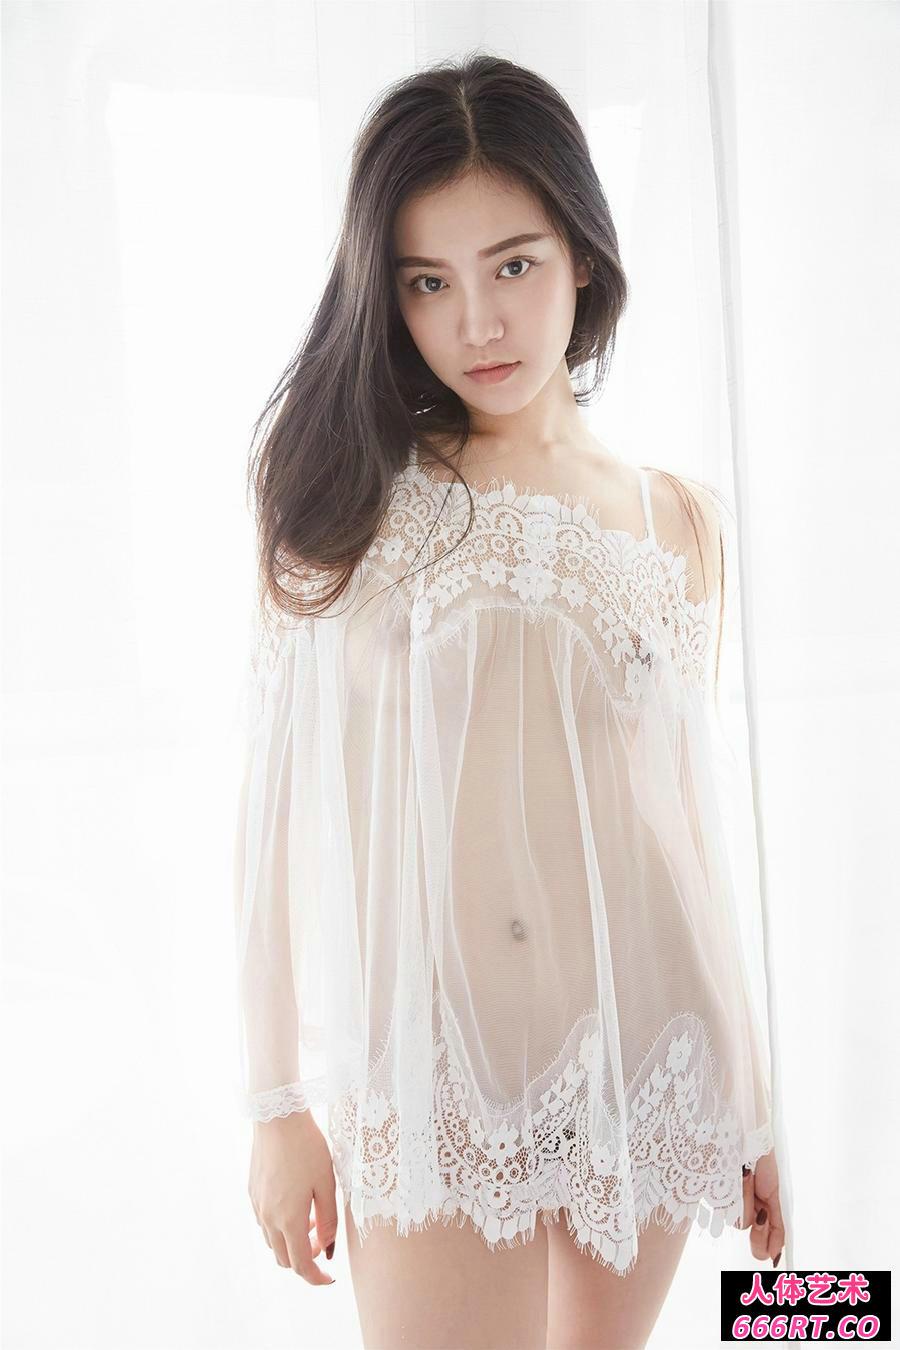 白皙少女吴凯莉穿超薄薄透内裤倮身透明照